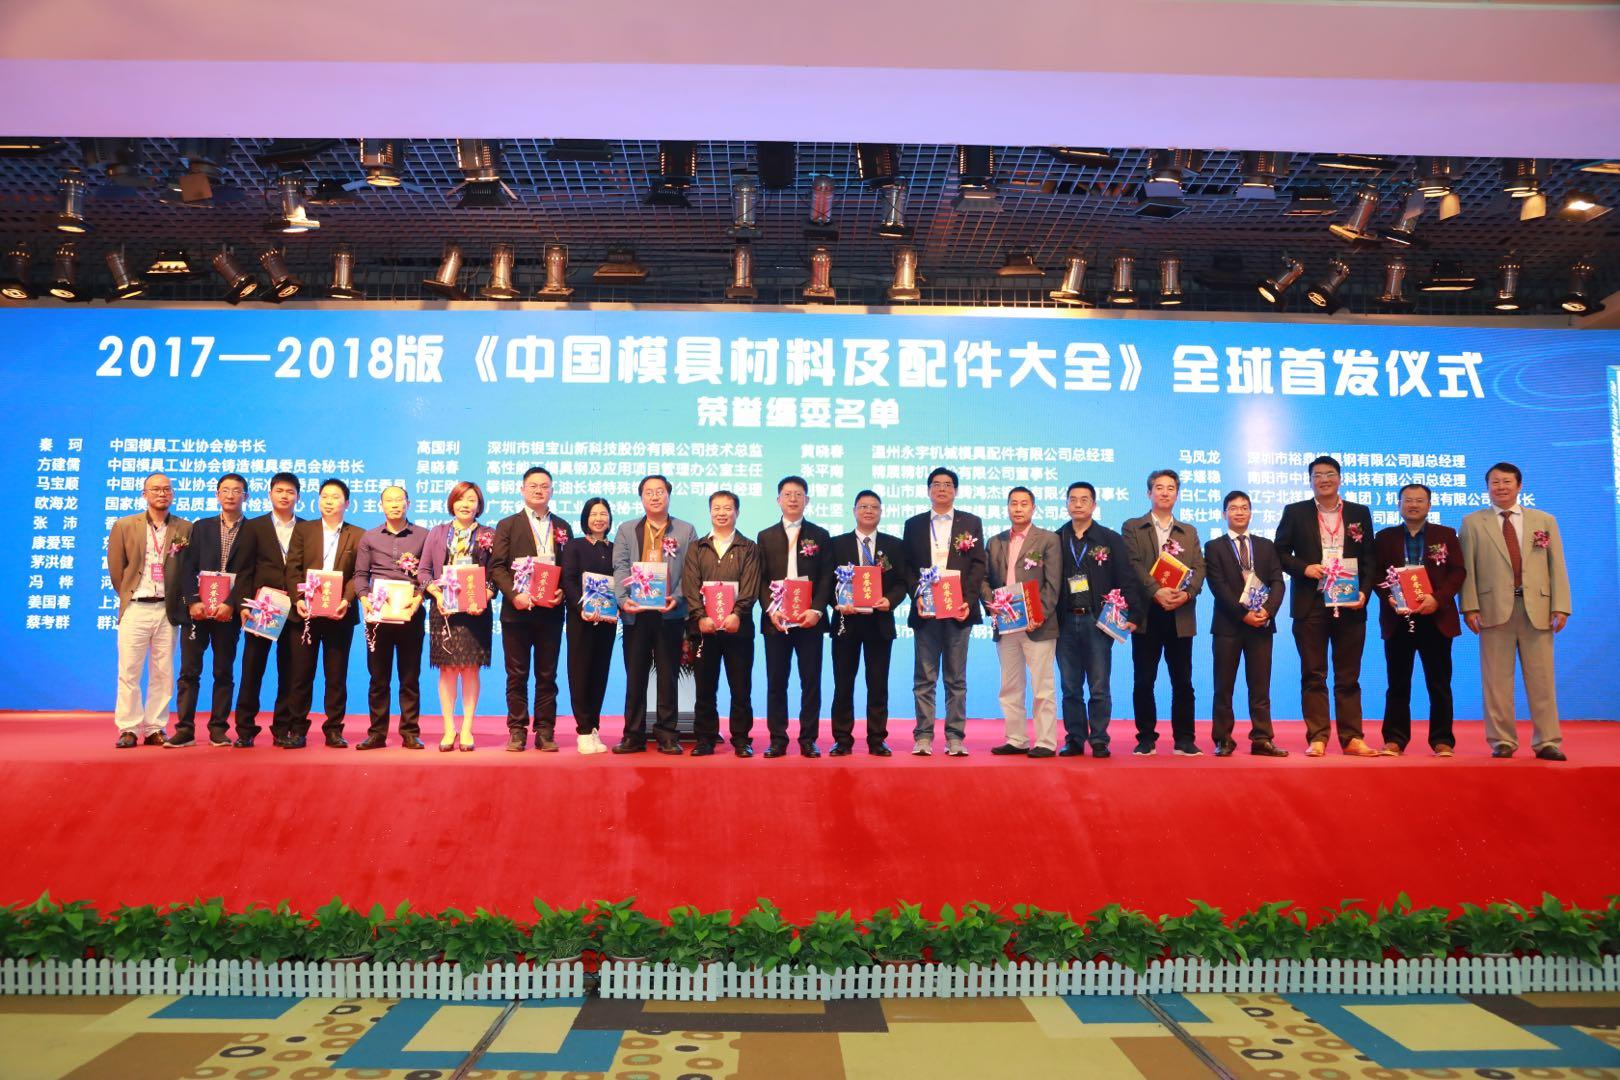 第八届『伯钢联』全球模具材料及配件应用交流大会